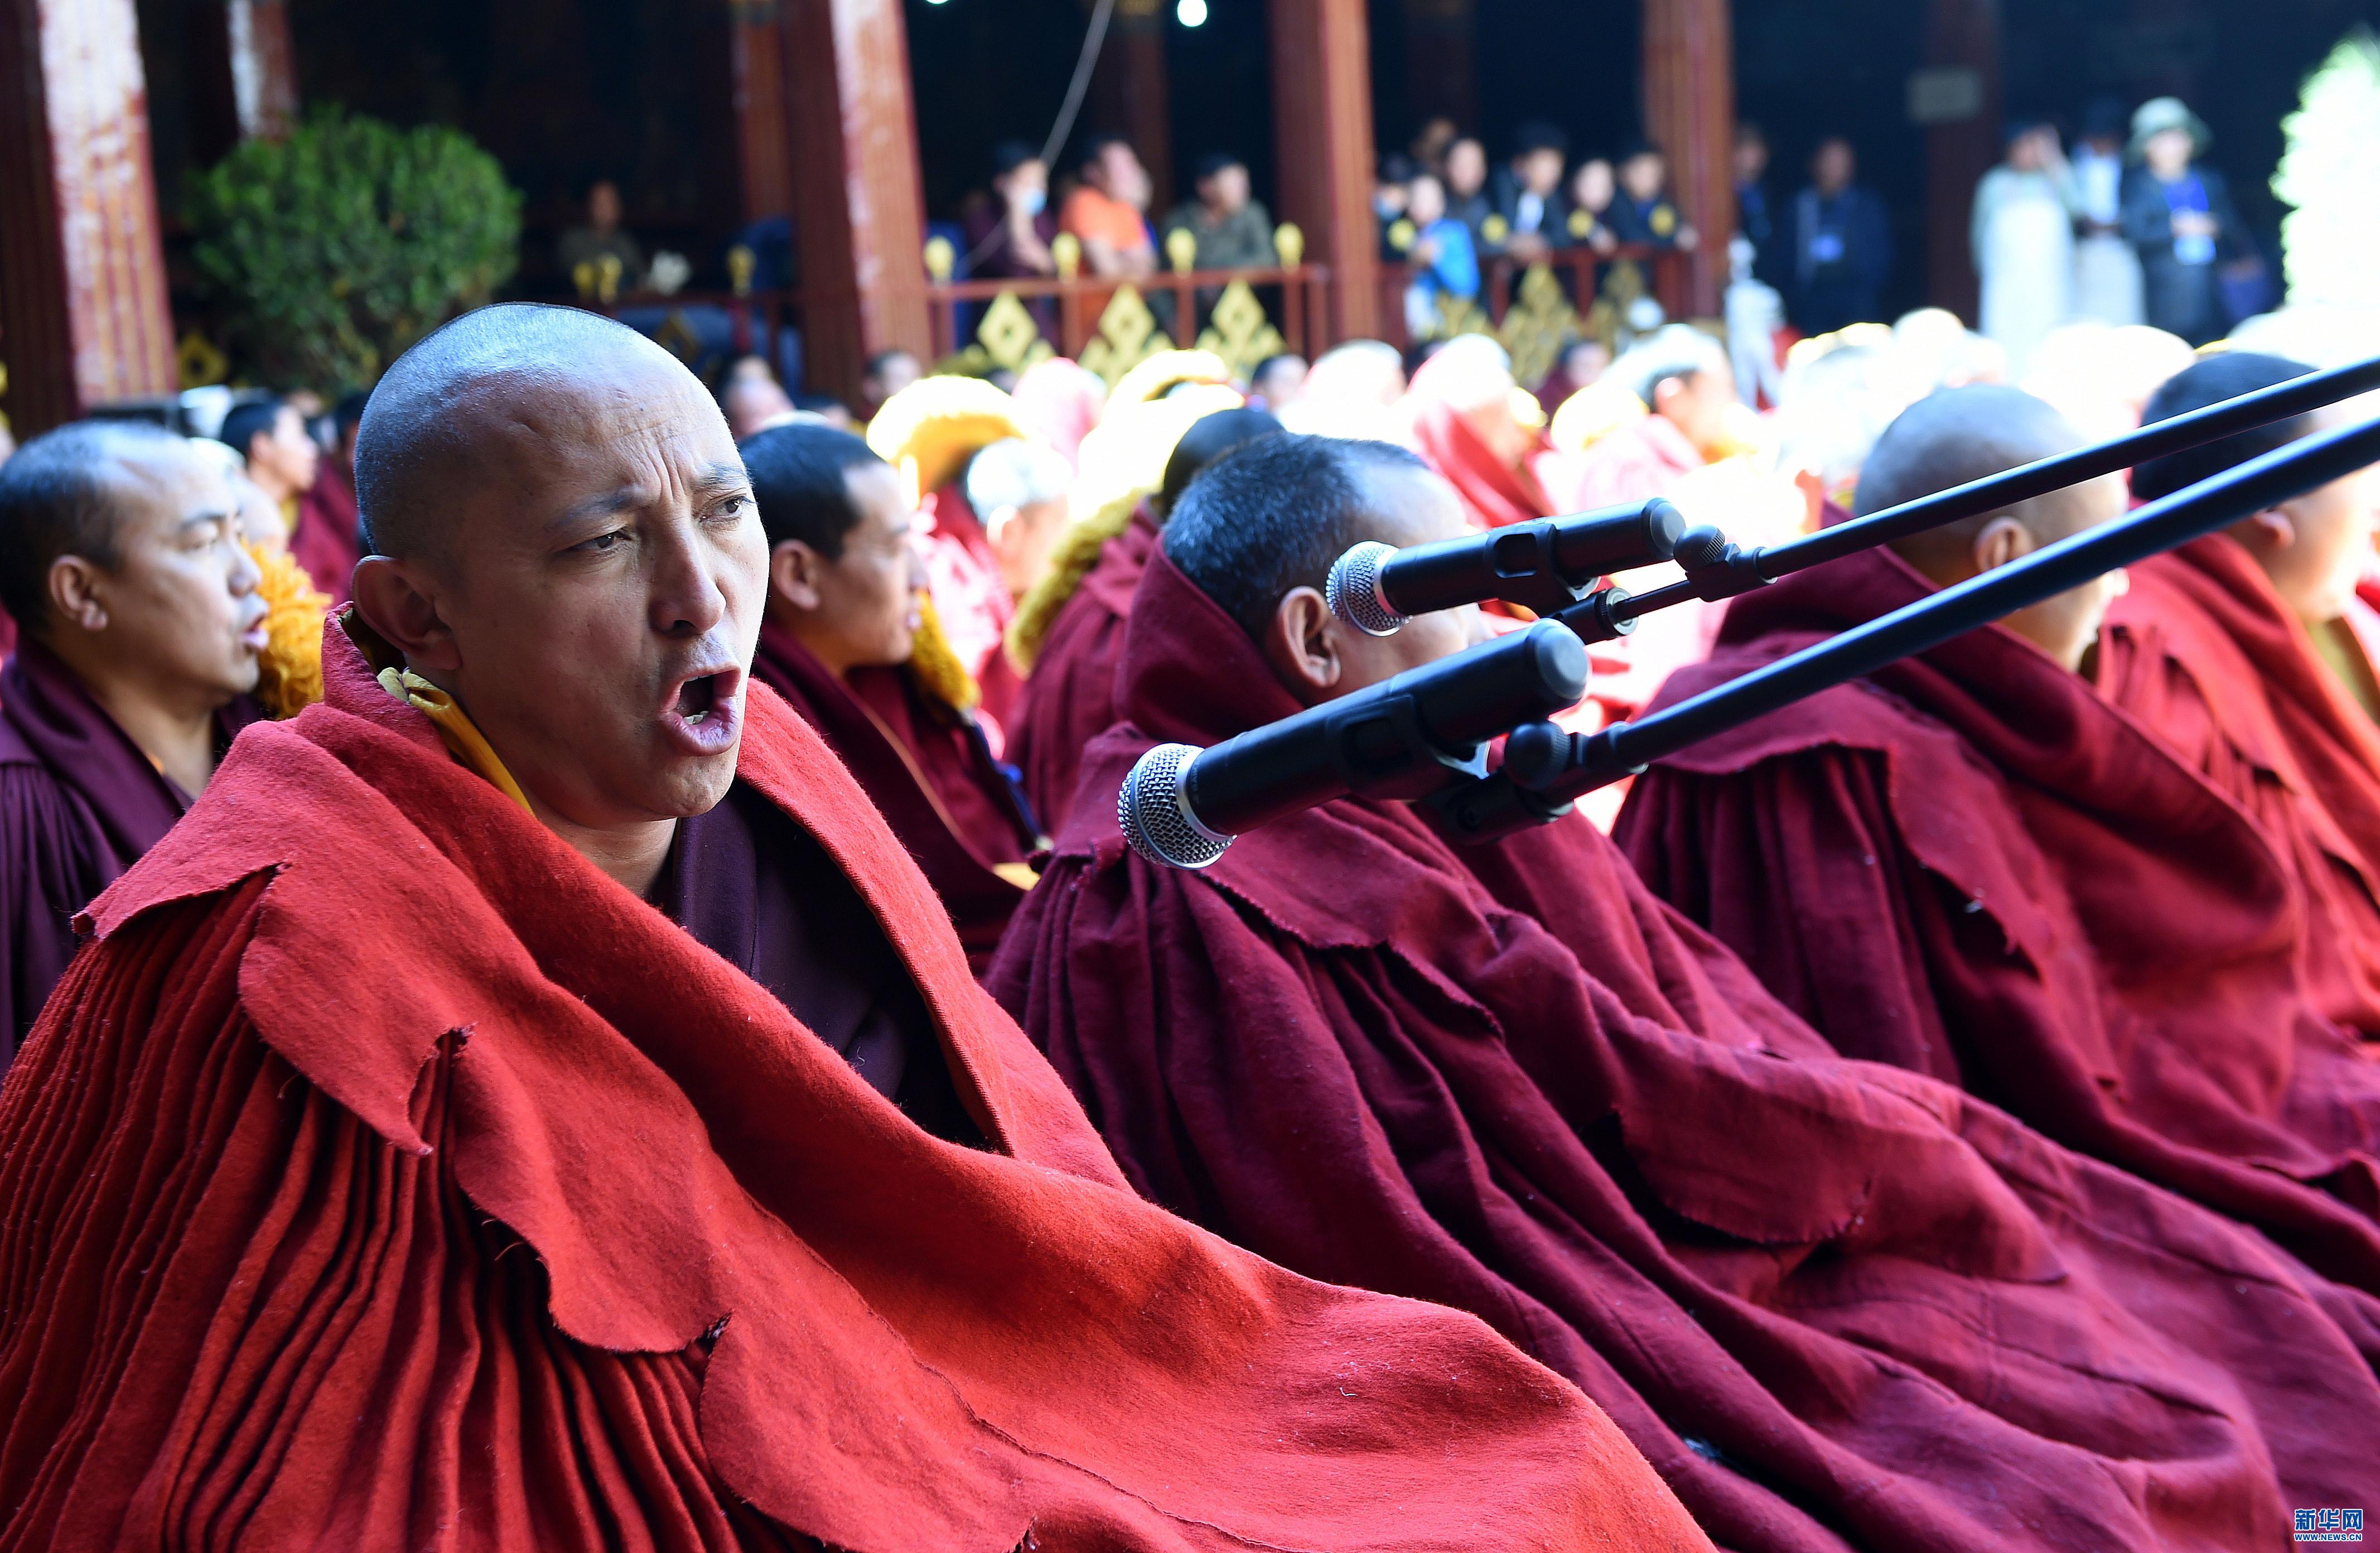 西藏11名僧人晋升藏传佛教格鲁派最高学位